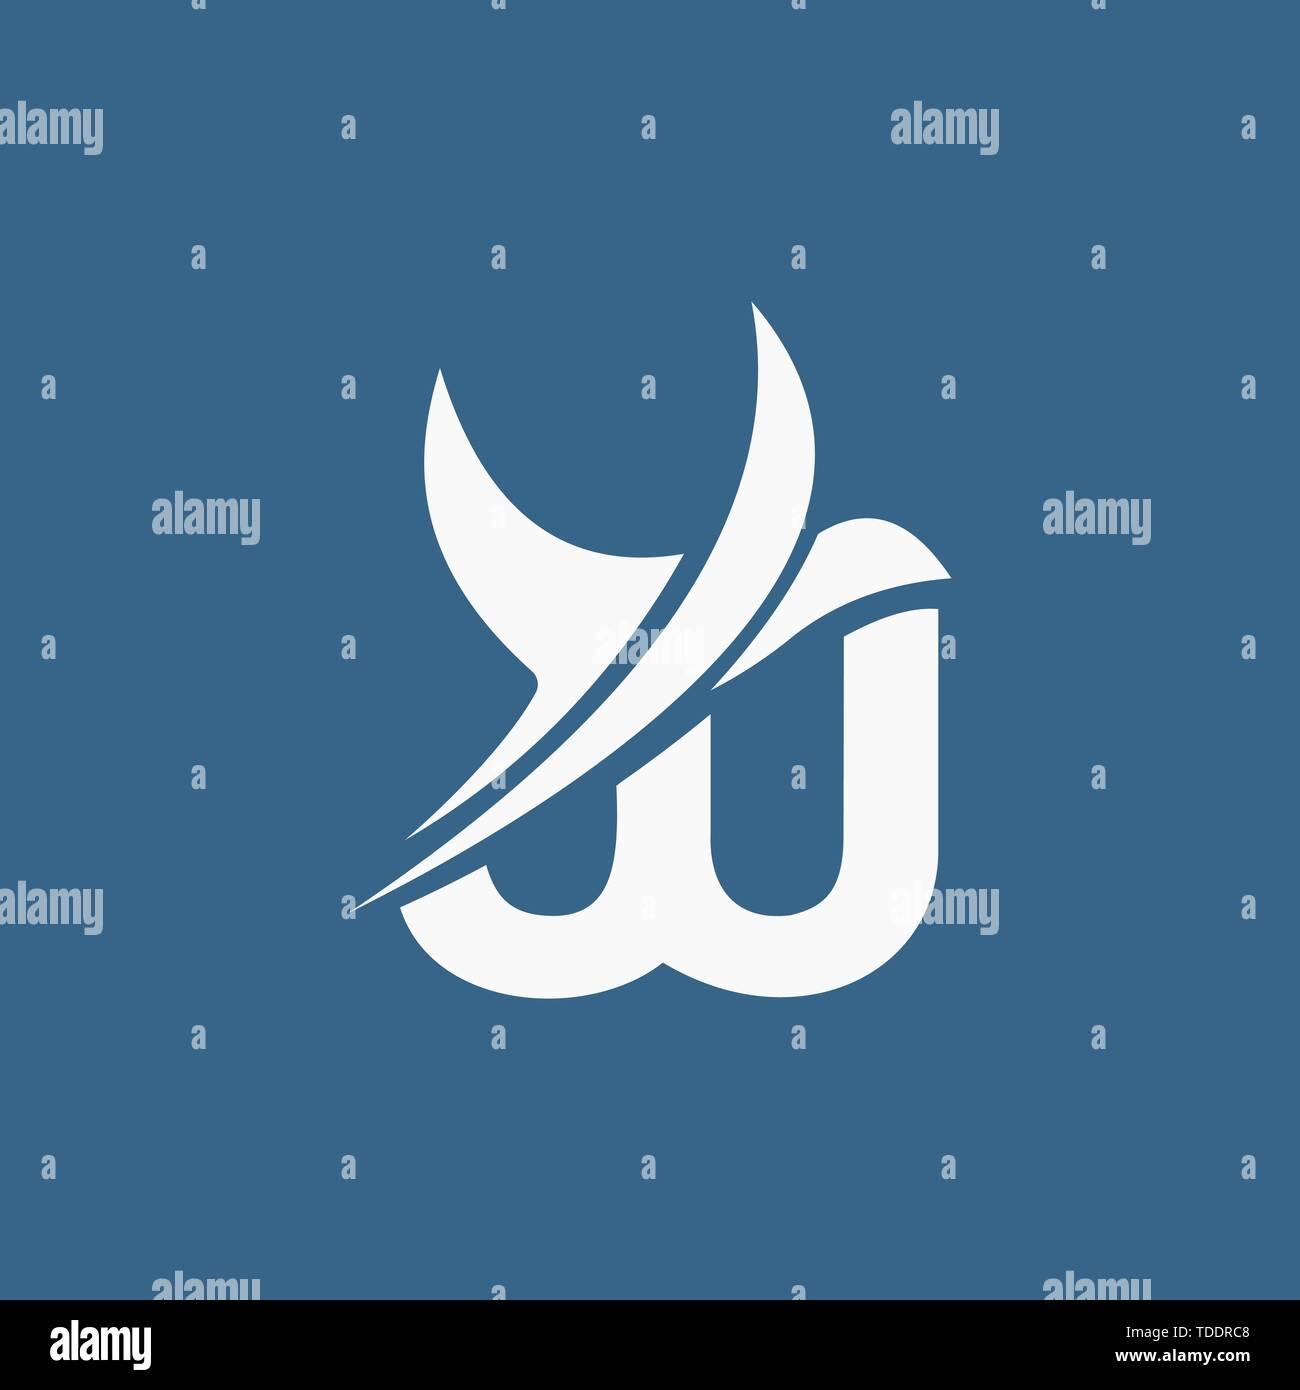 Allah Name Stock Photos u0026 Allah Name Stock Images - Alamy